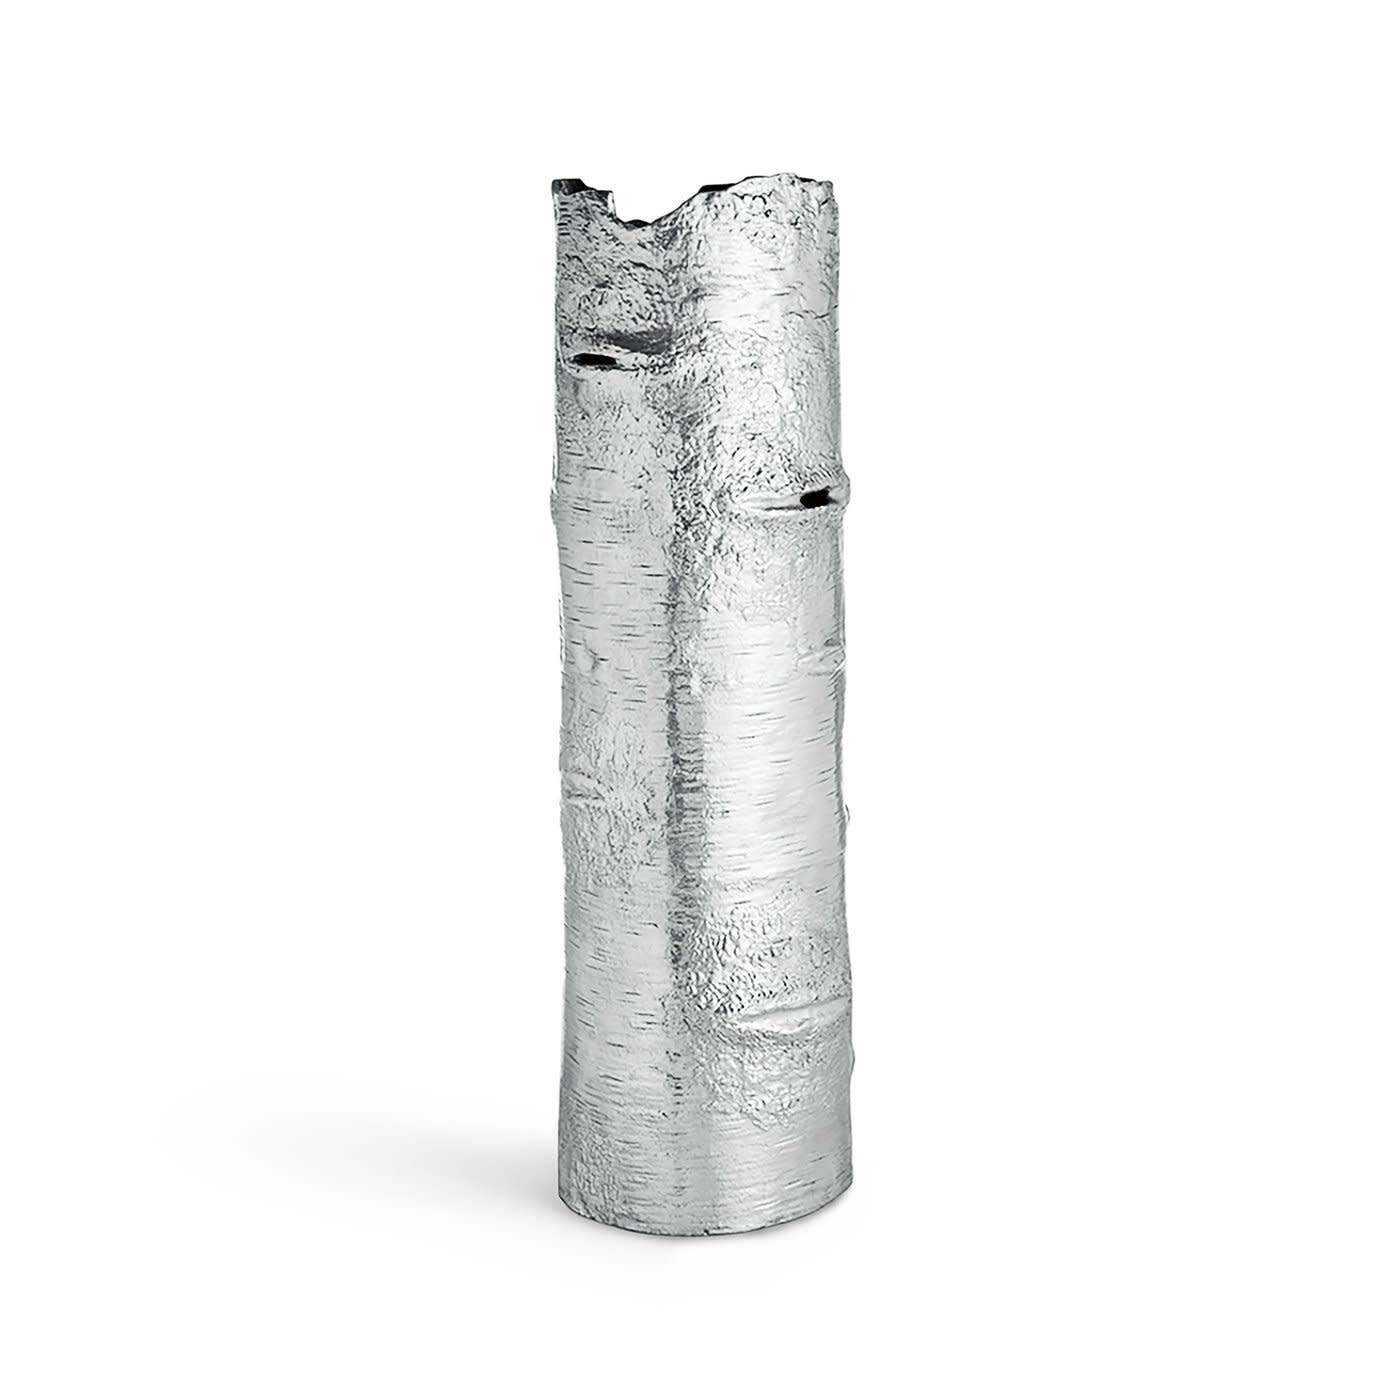 Bark Vase Large Polished-1